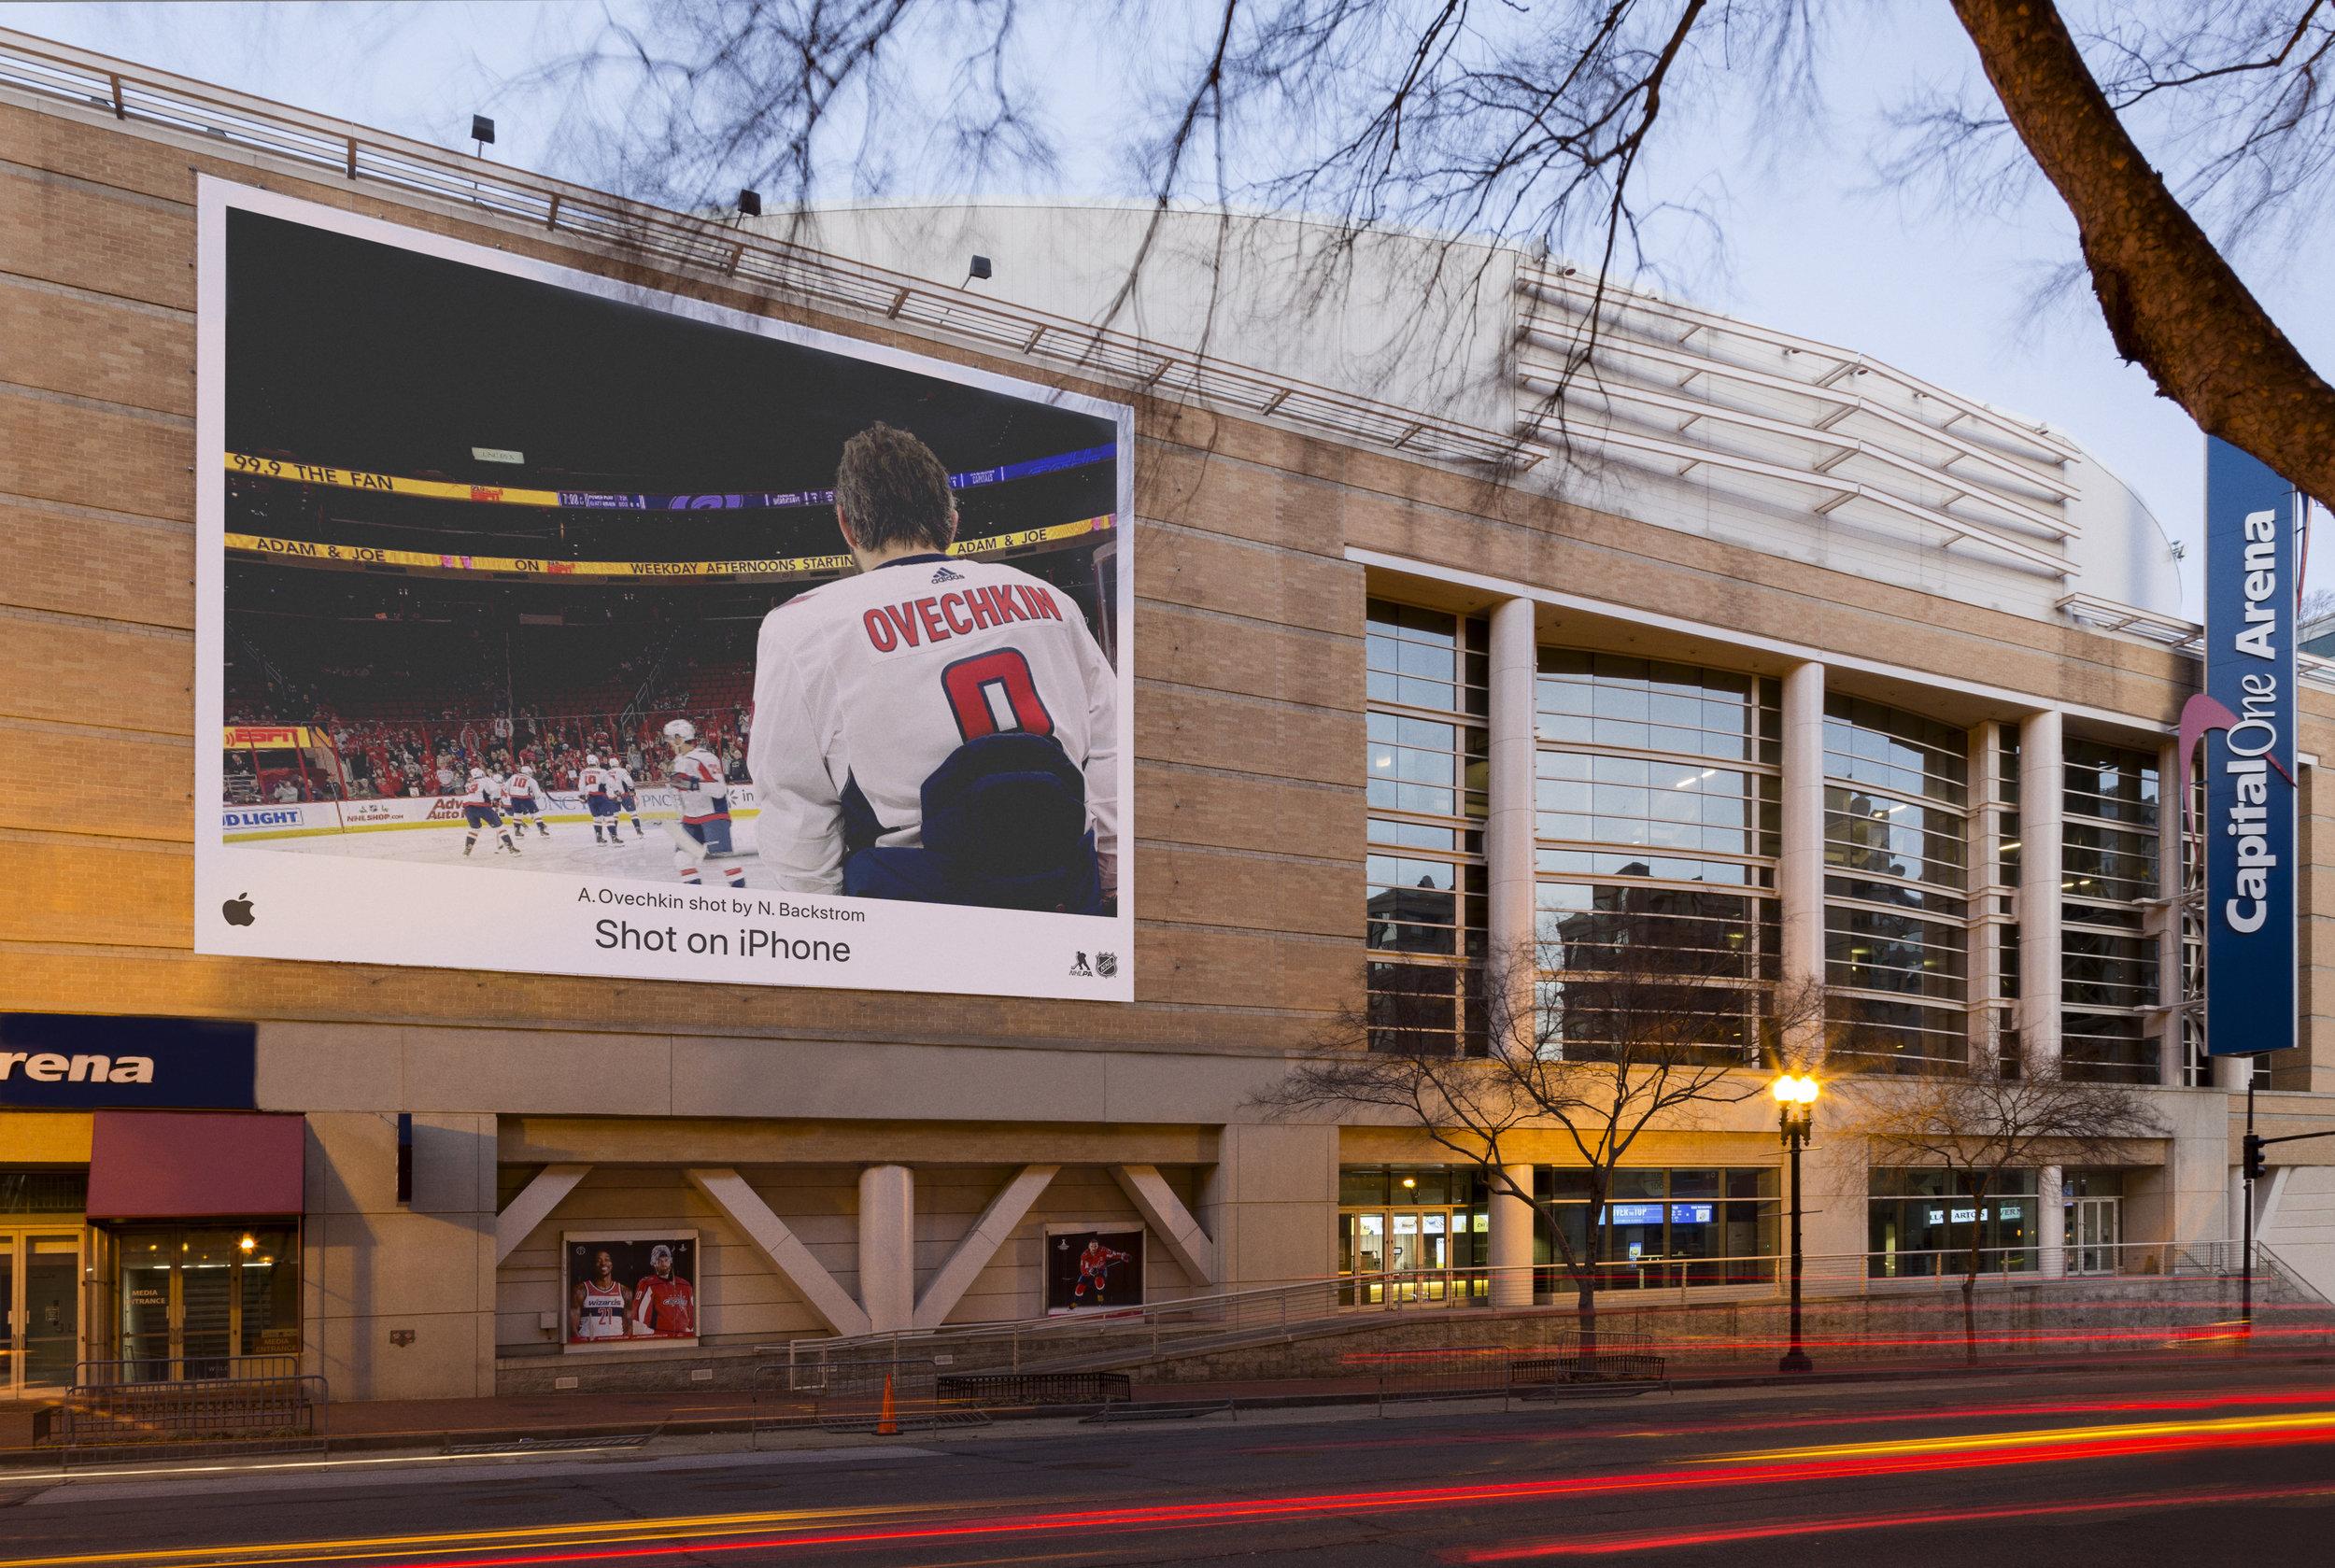 190225_Capitol One Arena_DC_(deGelia)_099_v2 copy.jpg